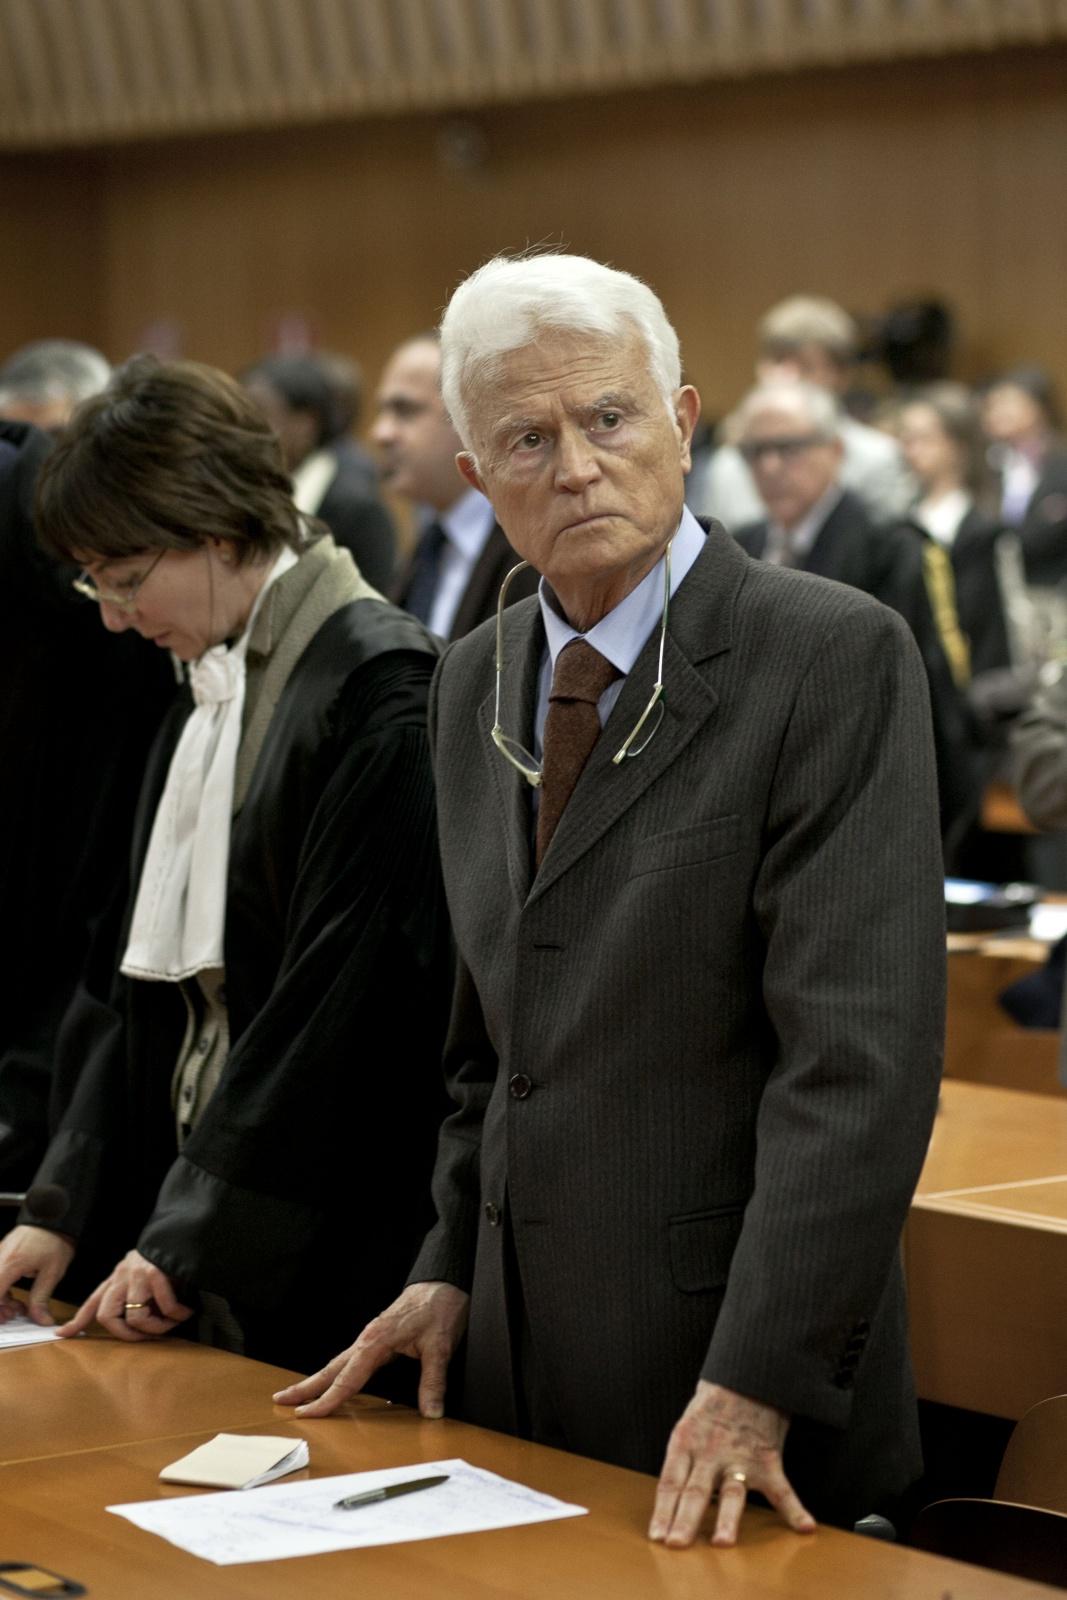 13/02/2012 Torino, Palagiustizia Bruno Caccia,  sentenza processo ETERNIT - il Procuratore capo Gian Carlo Caselli